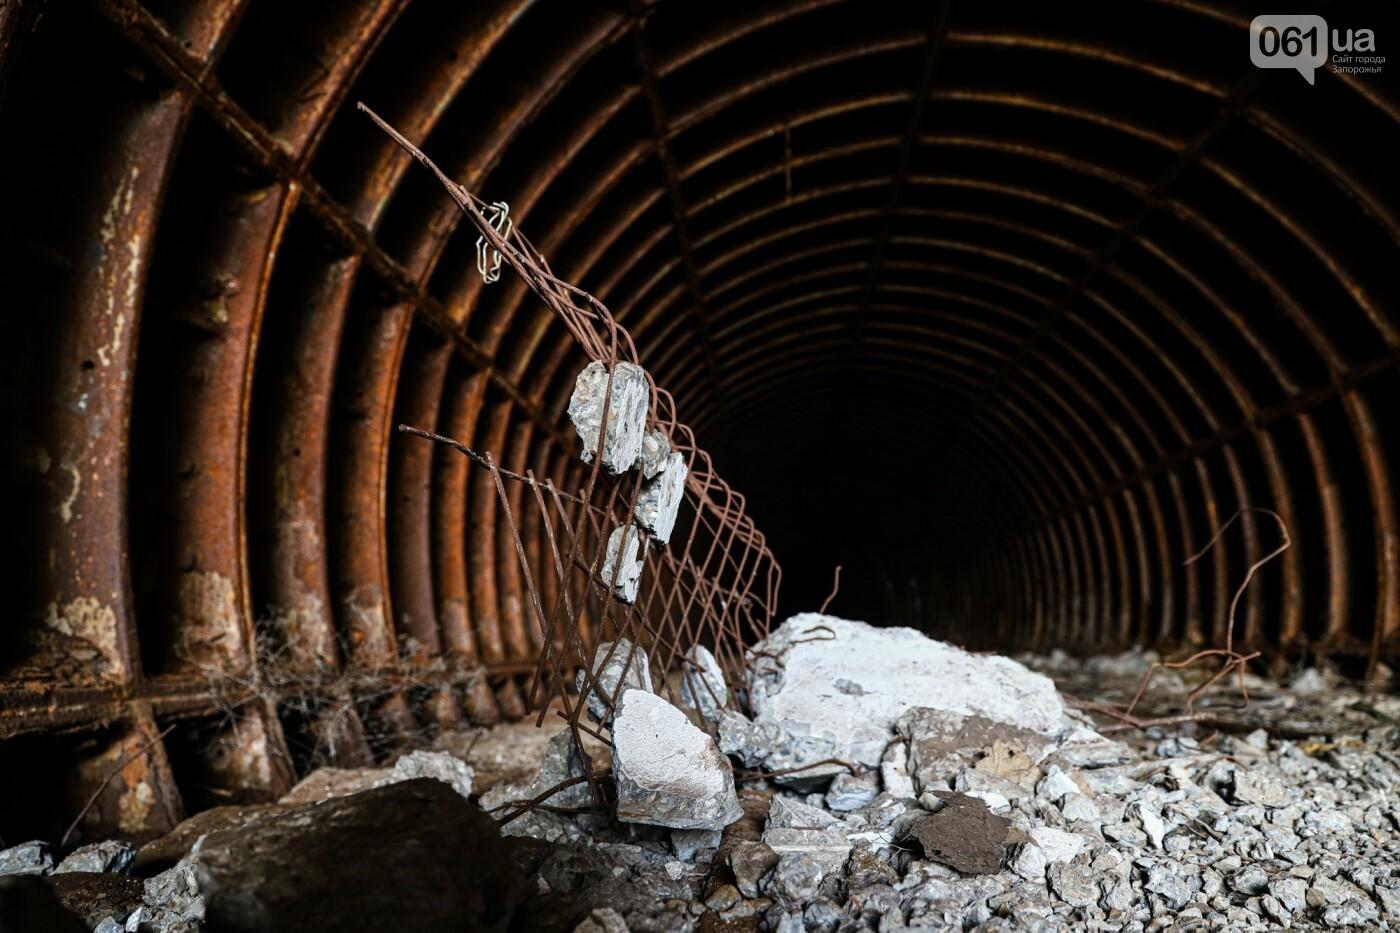 В Степногорске пытаются разобрать на металлолом шахту - промплощадка ГОКа превратилась в руины, - ФОТОРЕПОРТАЖ , фото-4